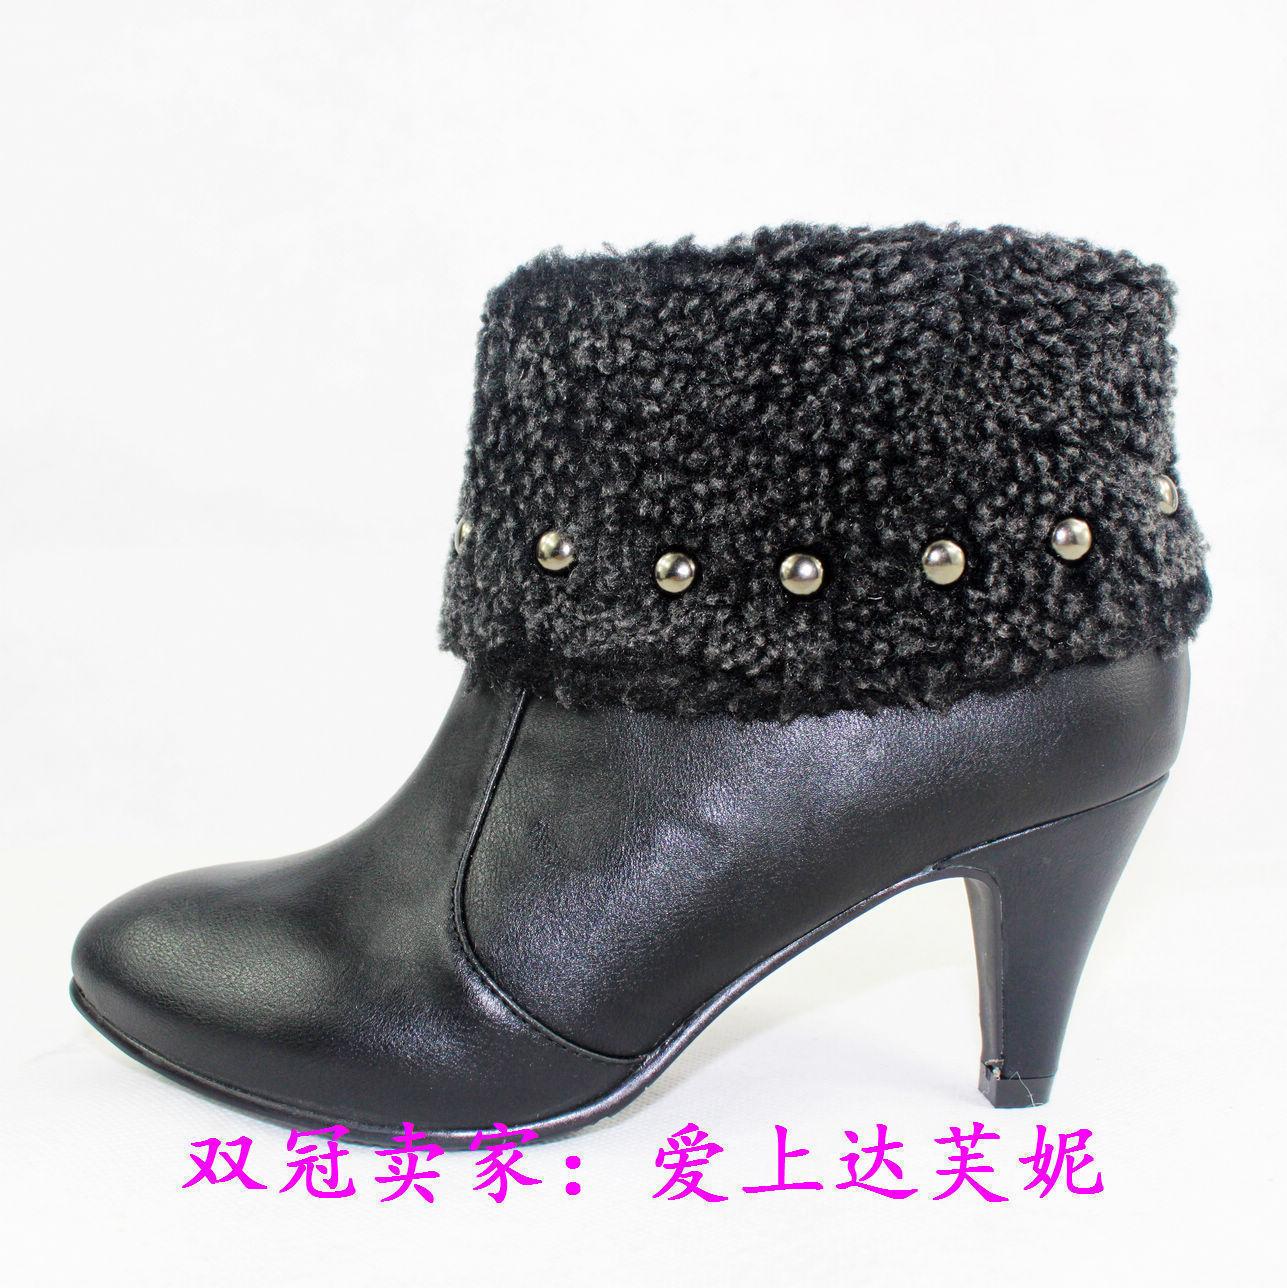 靴子/达芙妮靴子 2011秋款铆钉低筒短靴115003115 115003110...